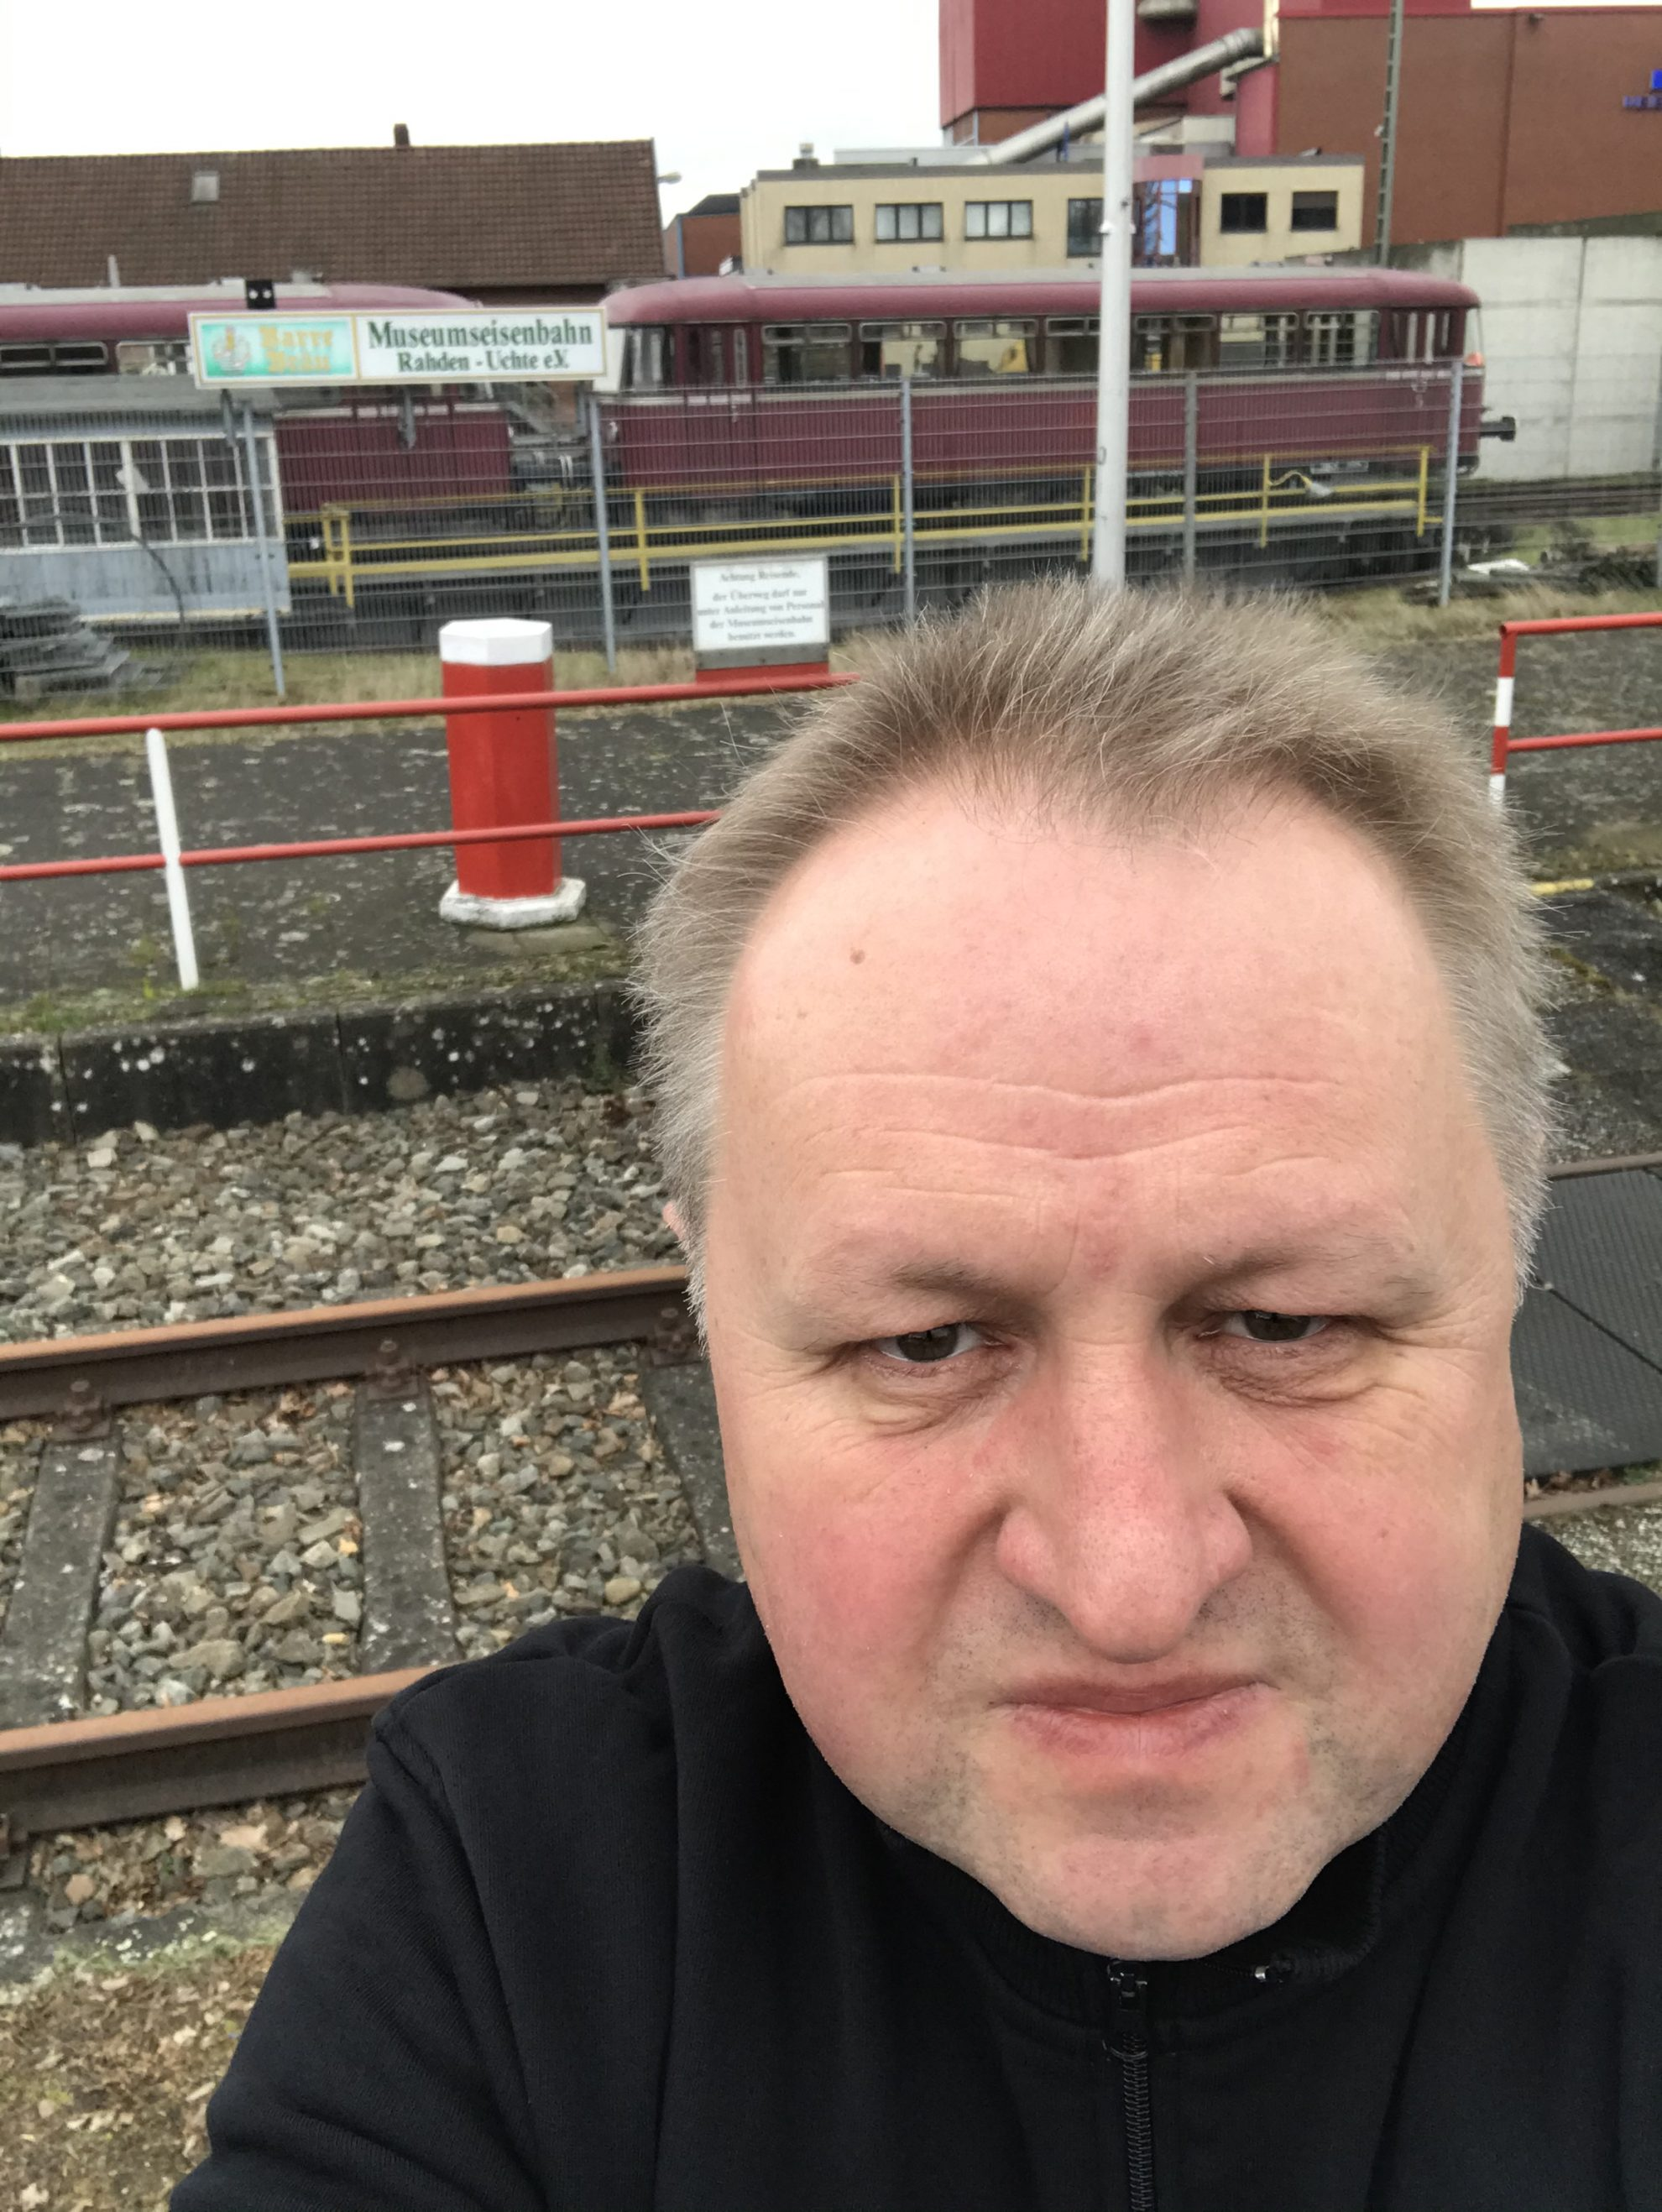 Mitglied bei der Museums-Eisenbahn